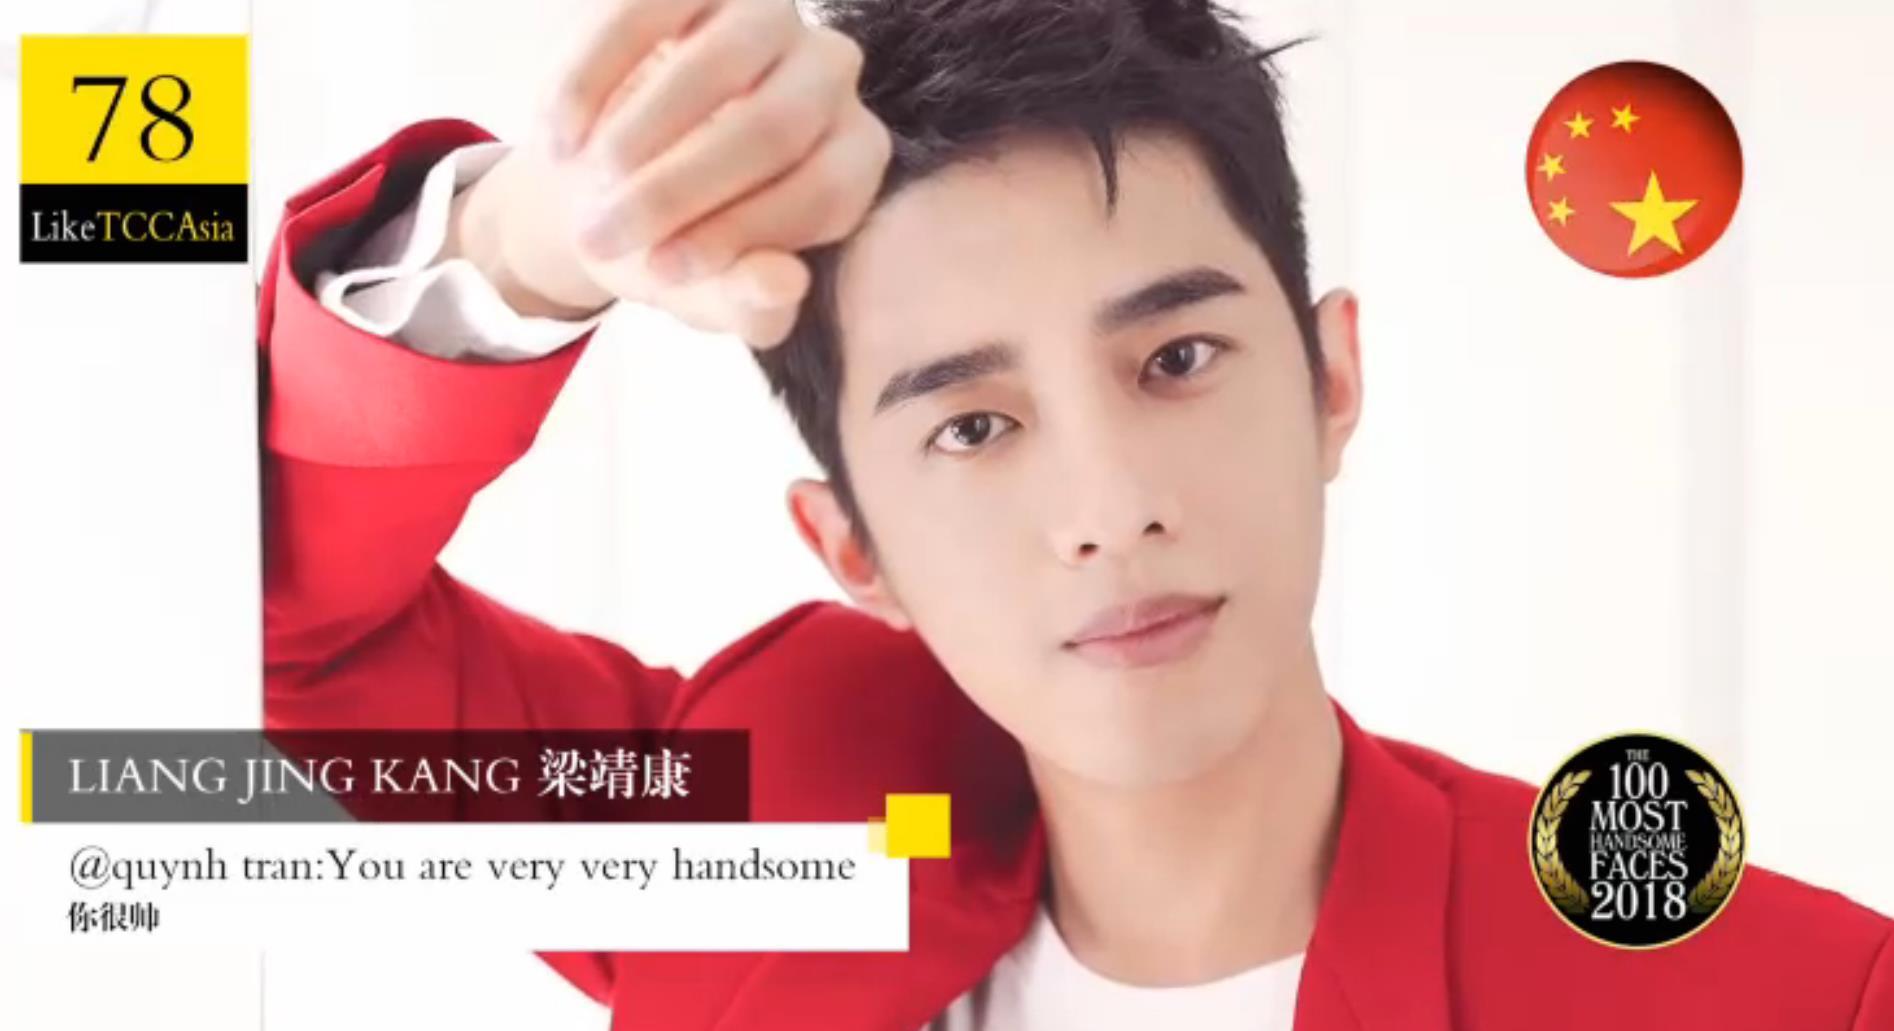 中国最帅100张面孔 最全榜单在这!